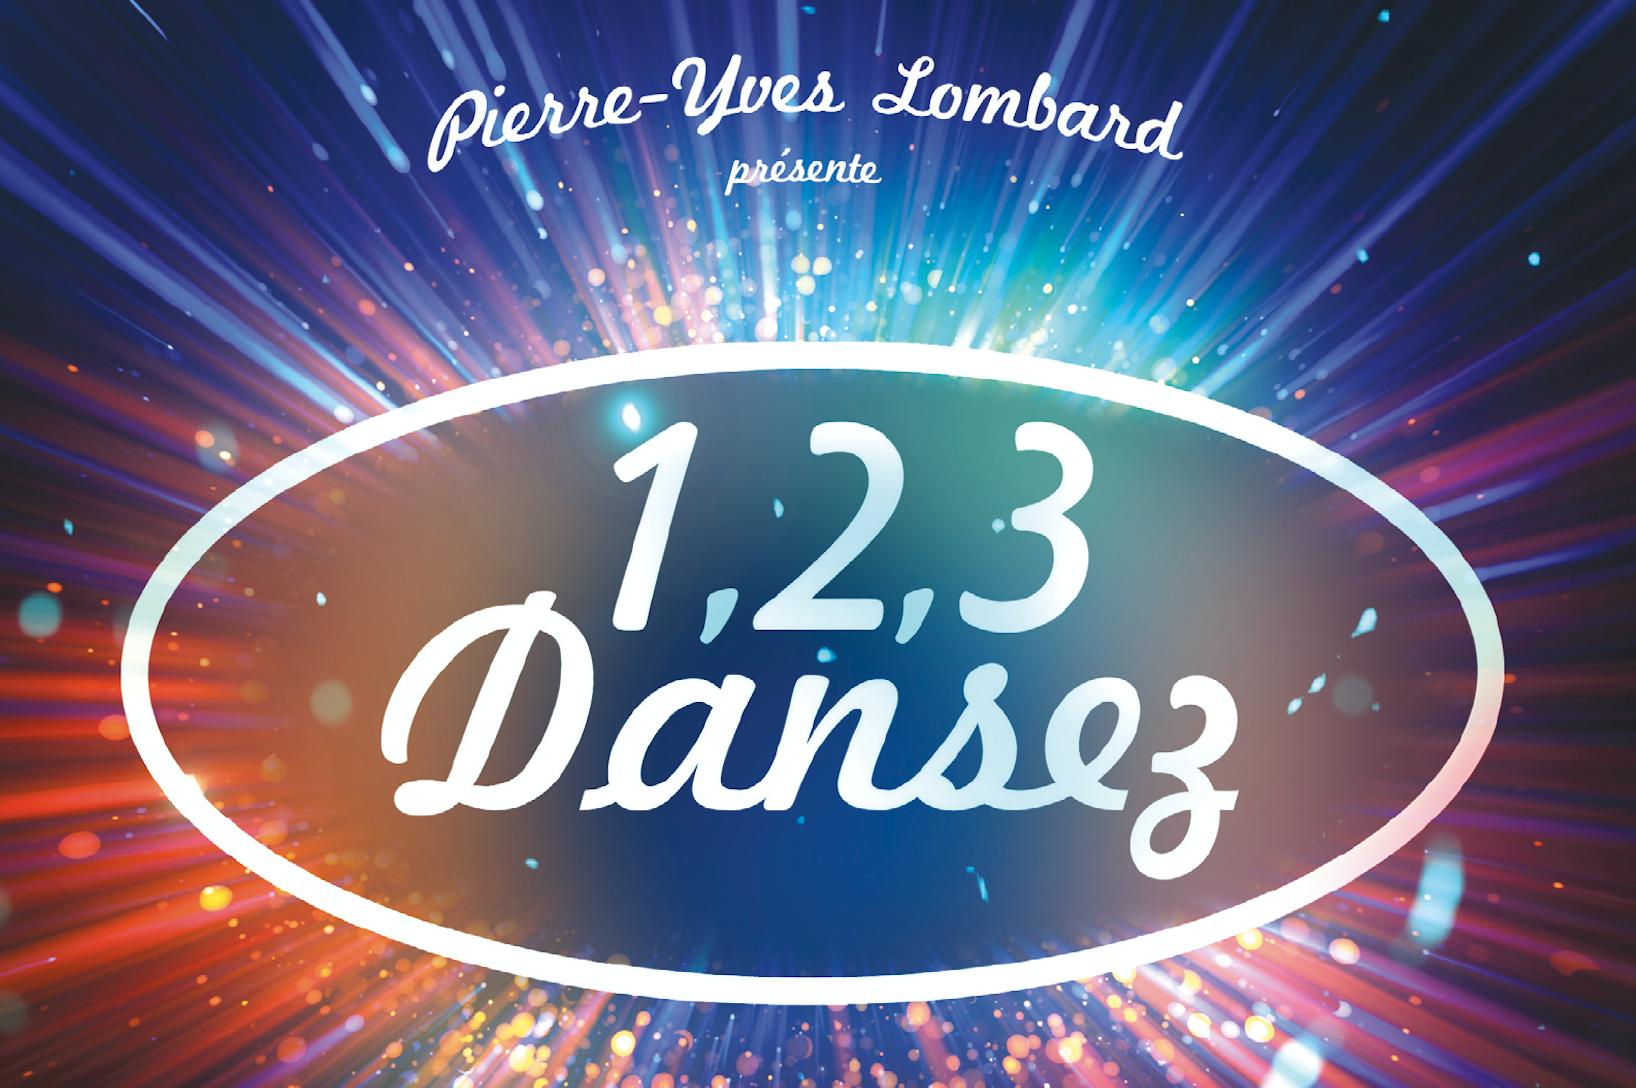 Image de l'emission 1,2,3 dansez !